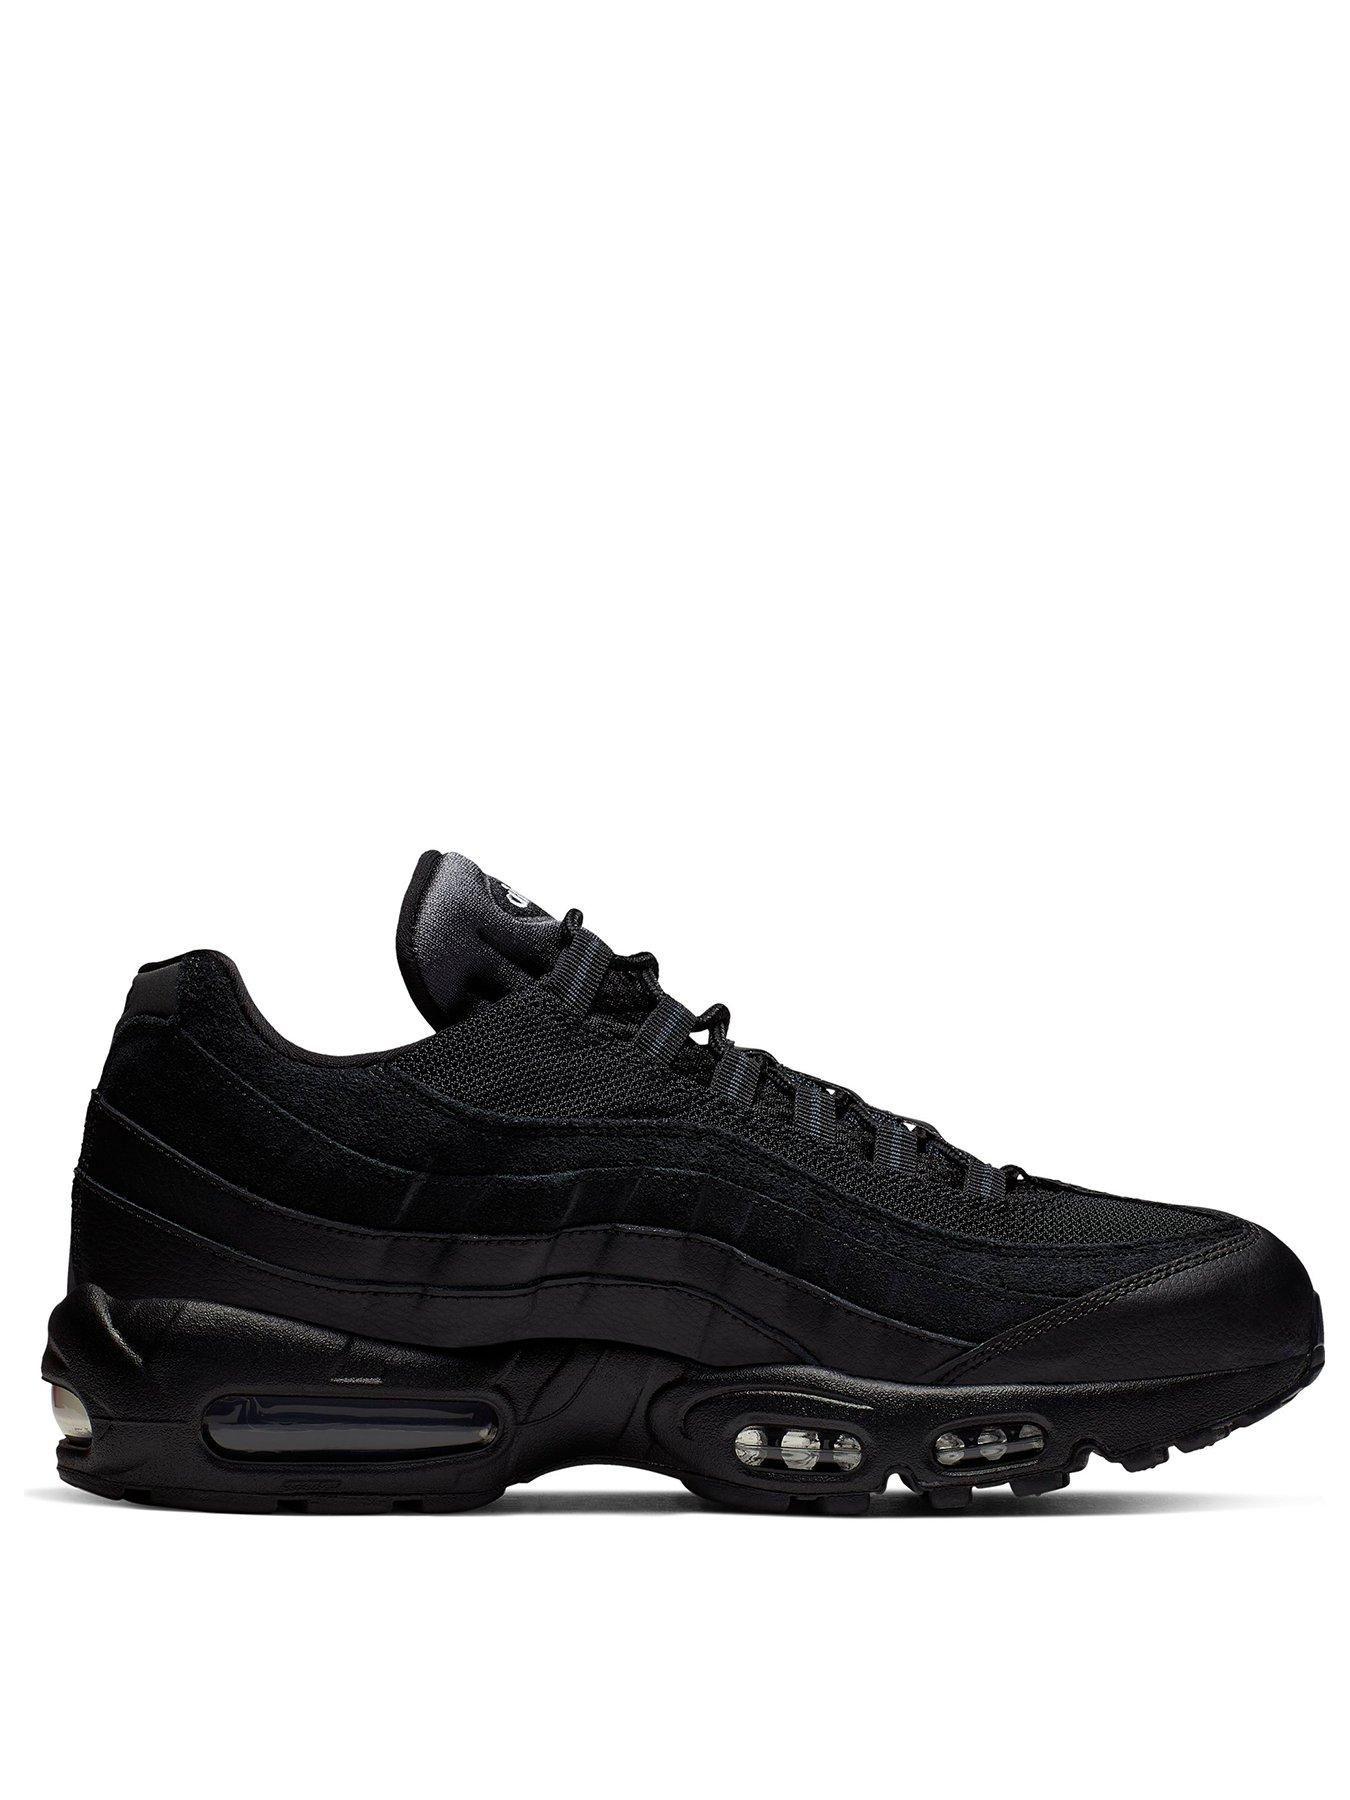 Nike Air Max 95 Essential Black in 2020 | Air max 95, Air